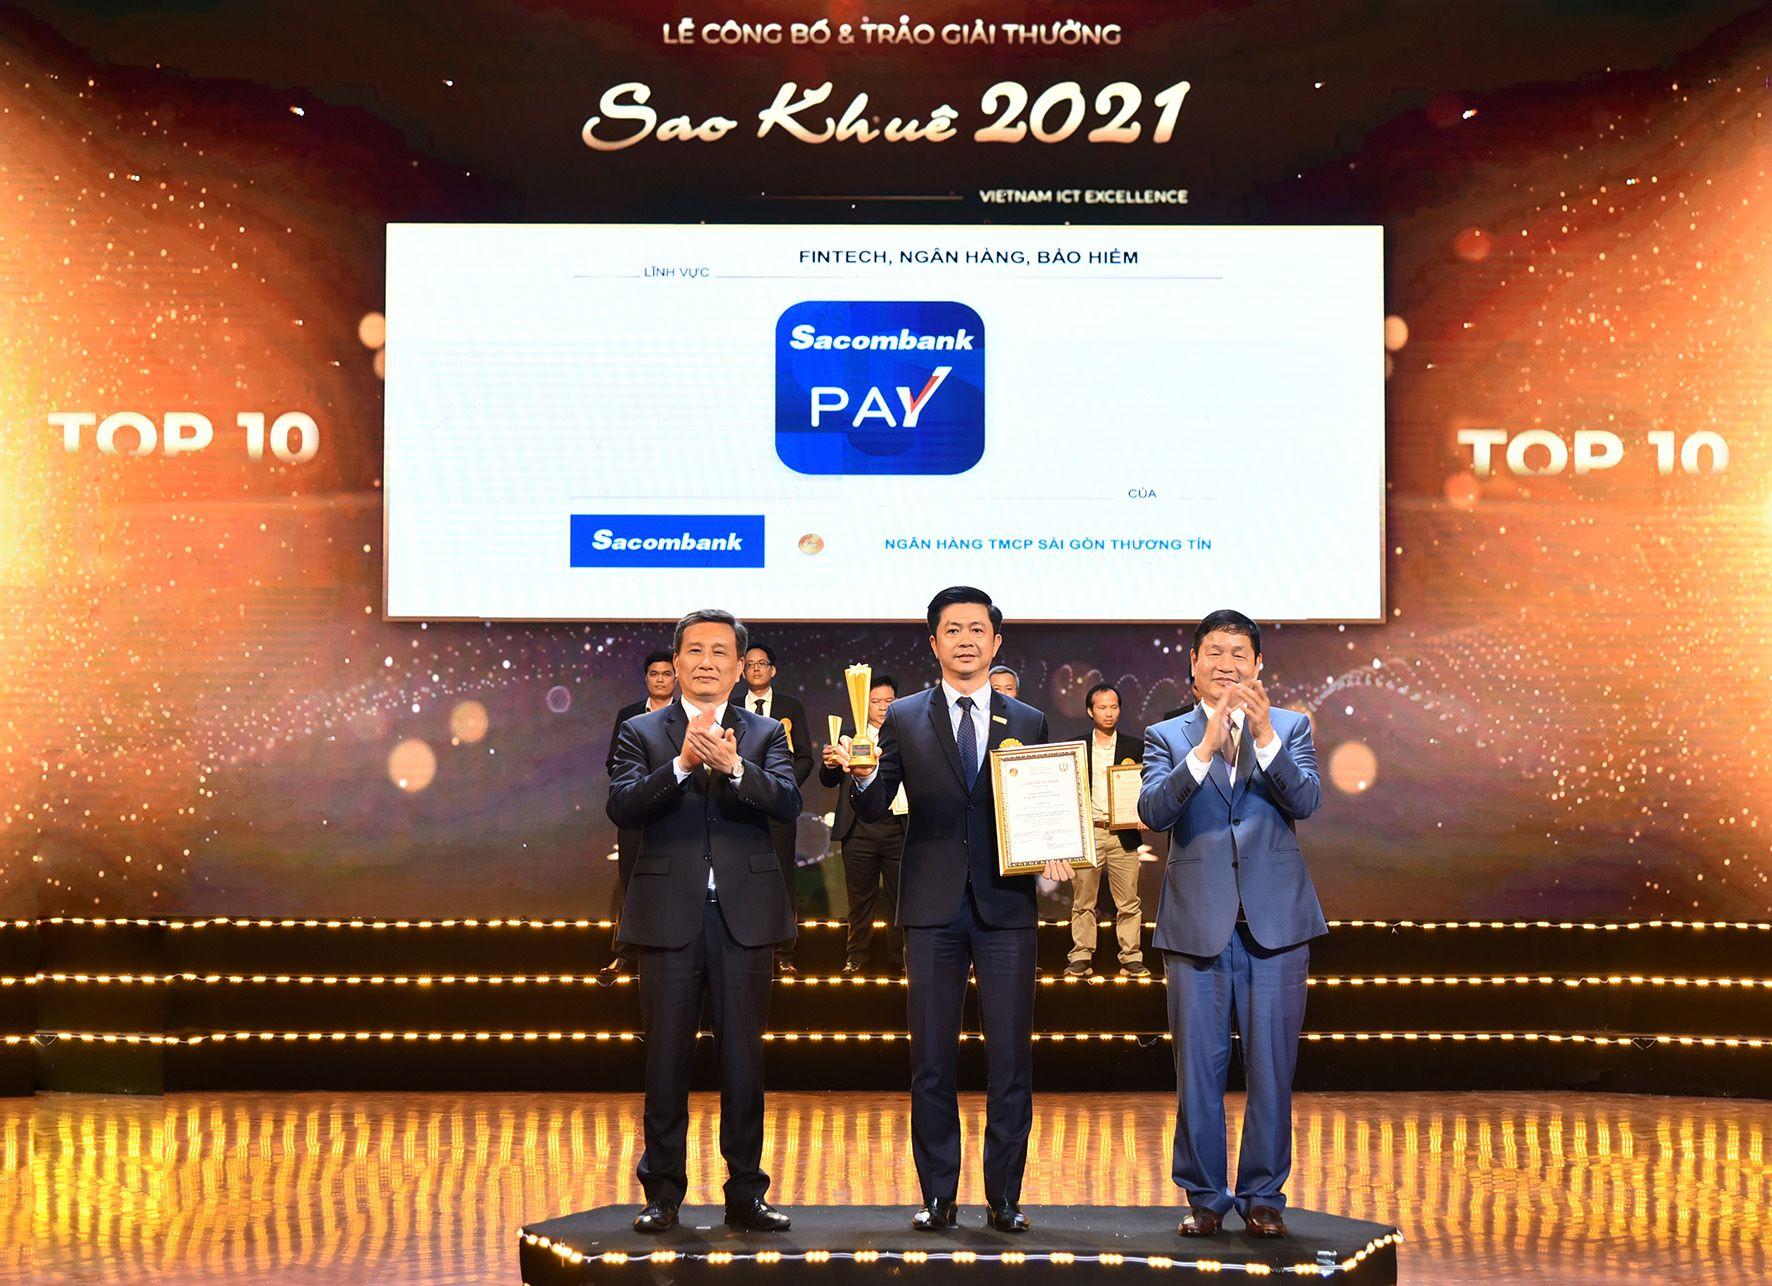 ỨNG DỤNG SACOMBANK PAY ĐẠT GIẢI THƯỞNG SAO KHUÊ 2021